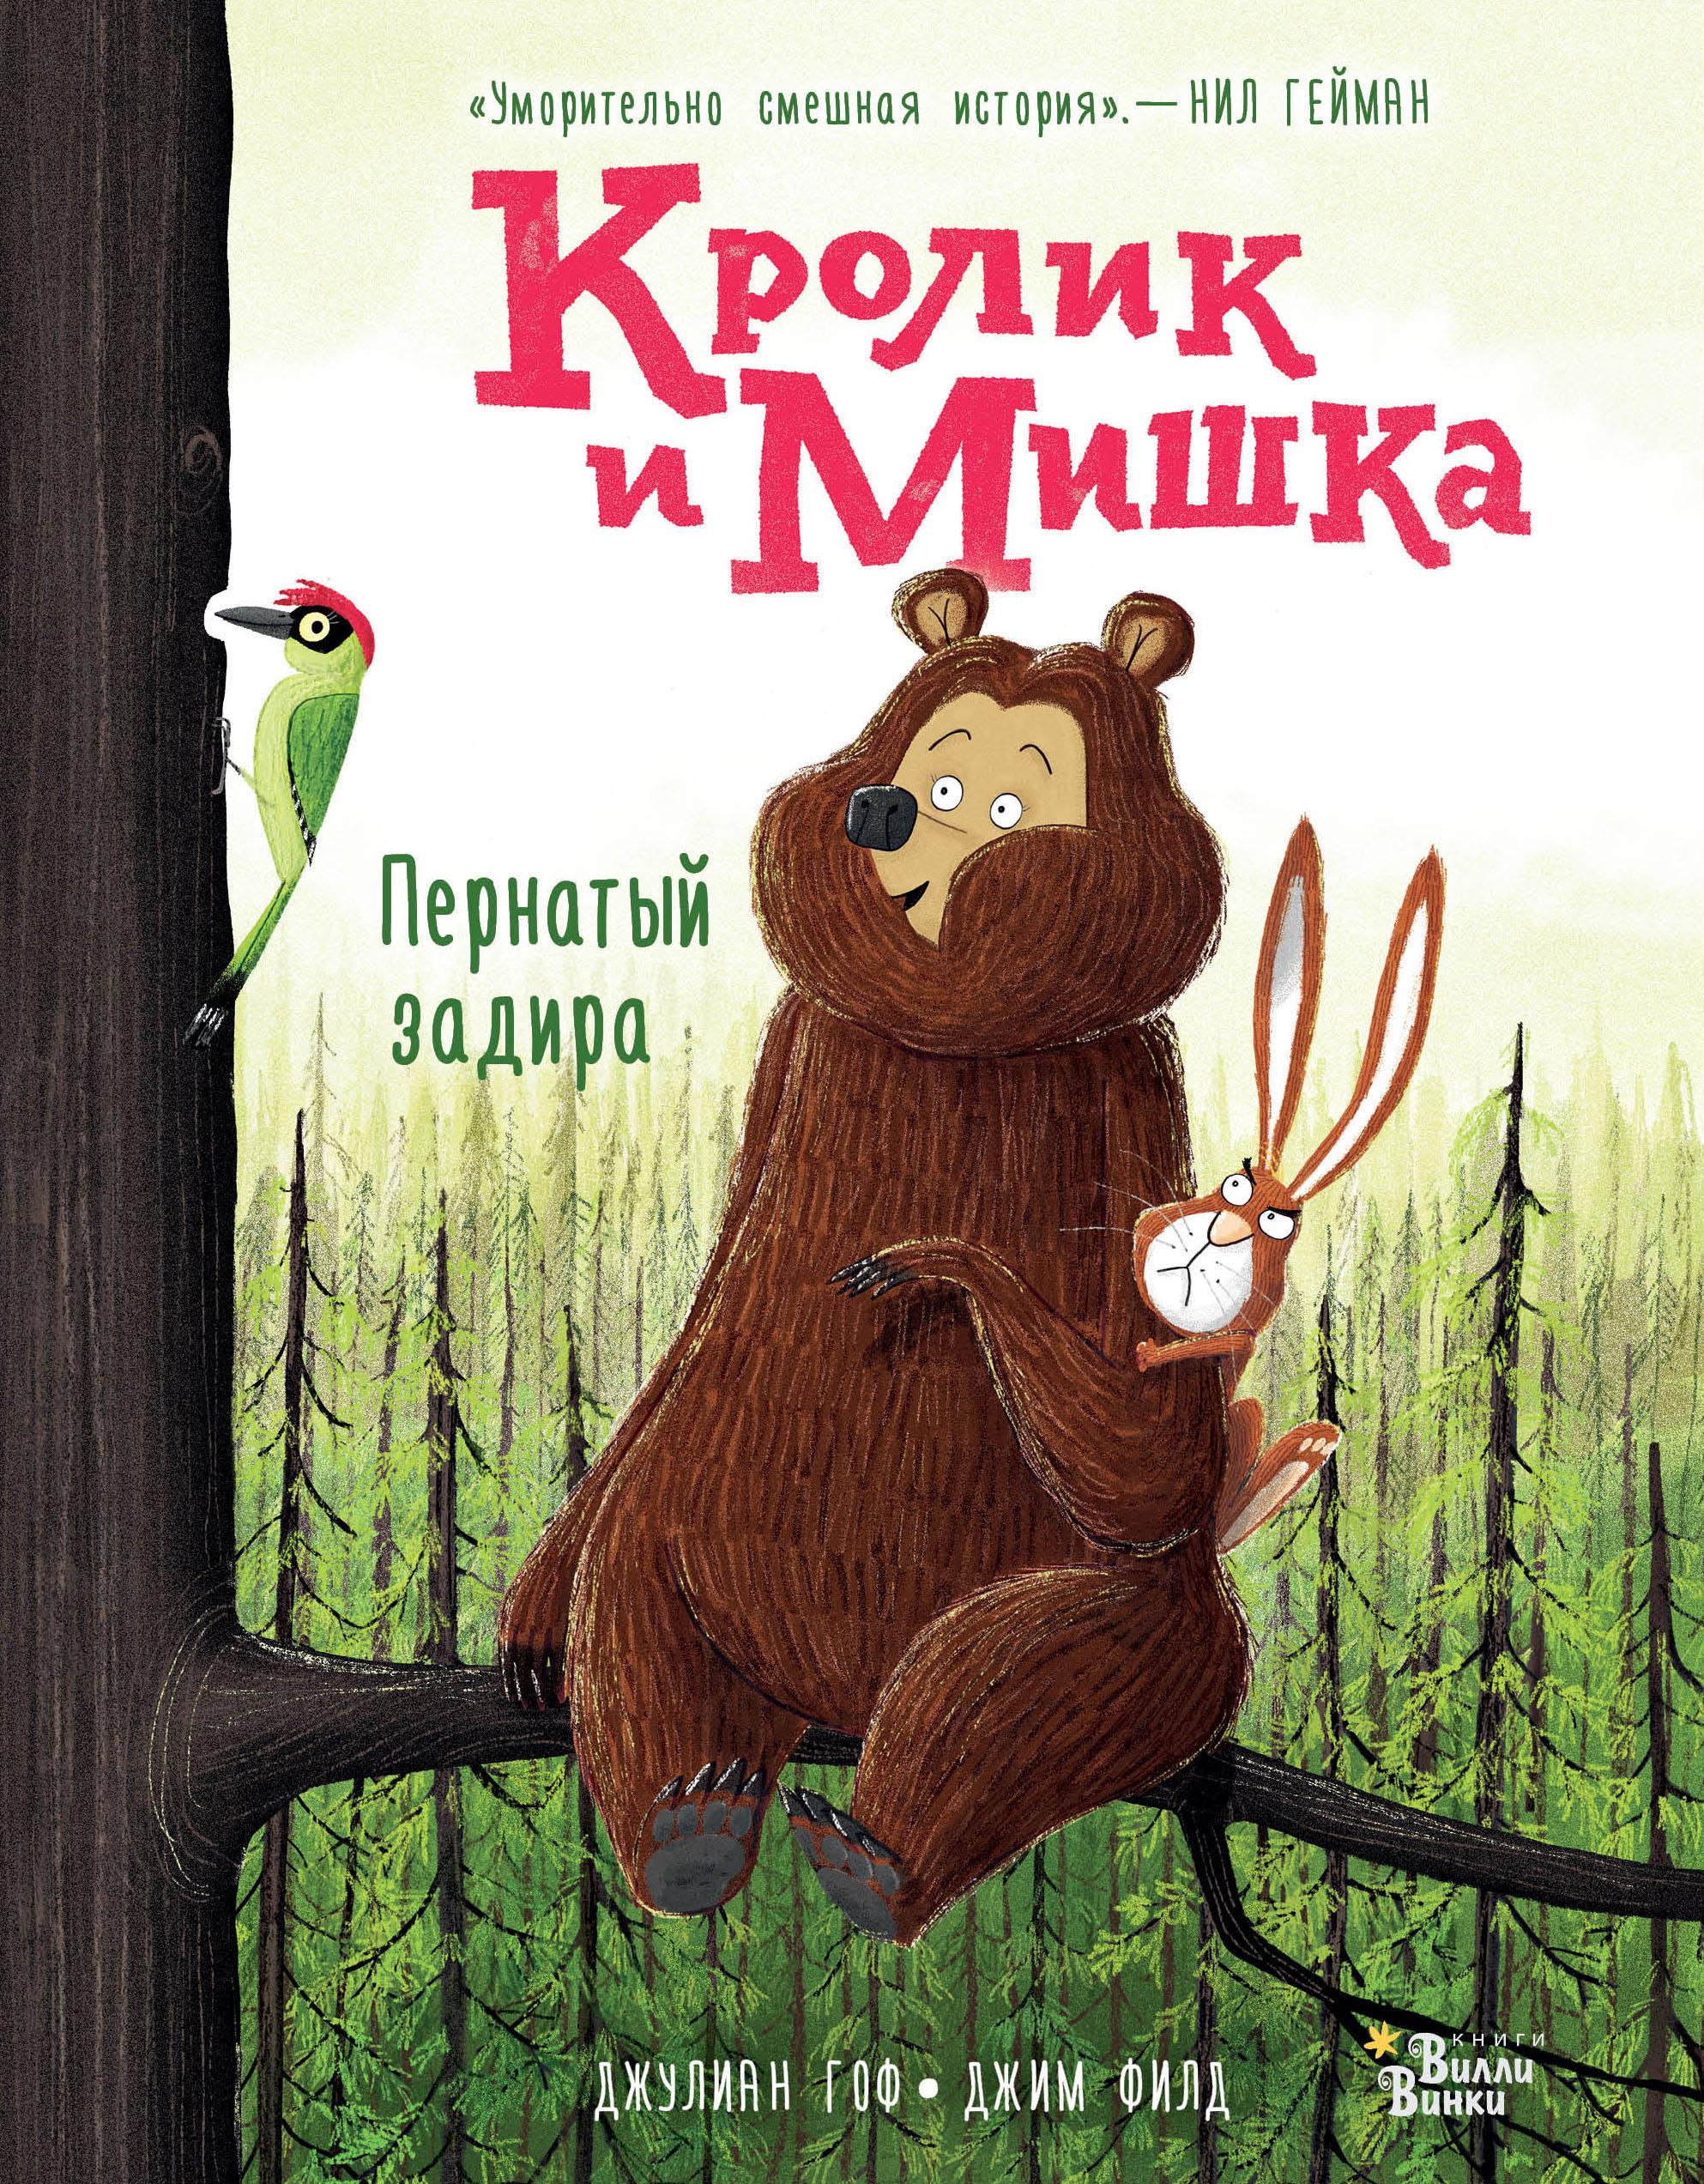 Гоф Джулиан Кролик и Мишка. Пернатый задира джулиан гоф кролик и мишка пернатый задира page 4 page 10 page 10 page 3